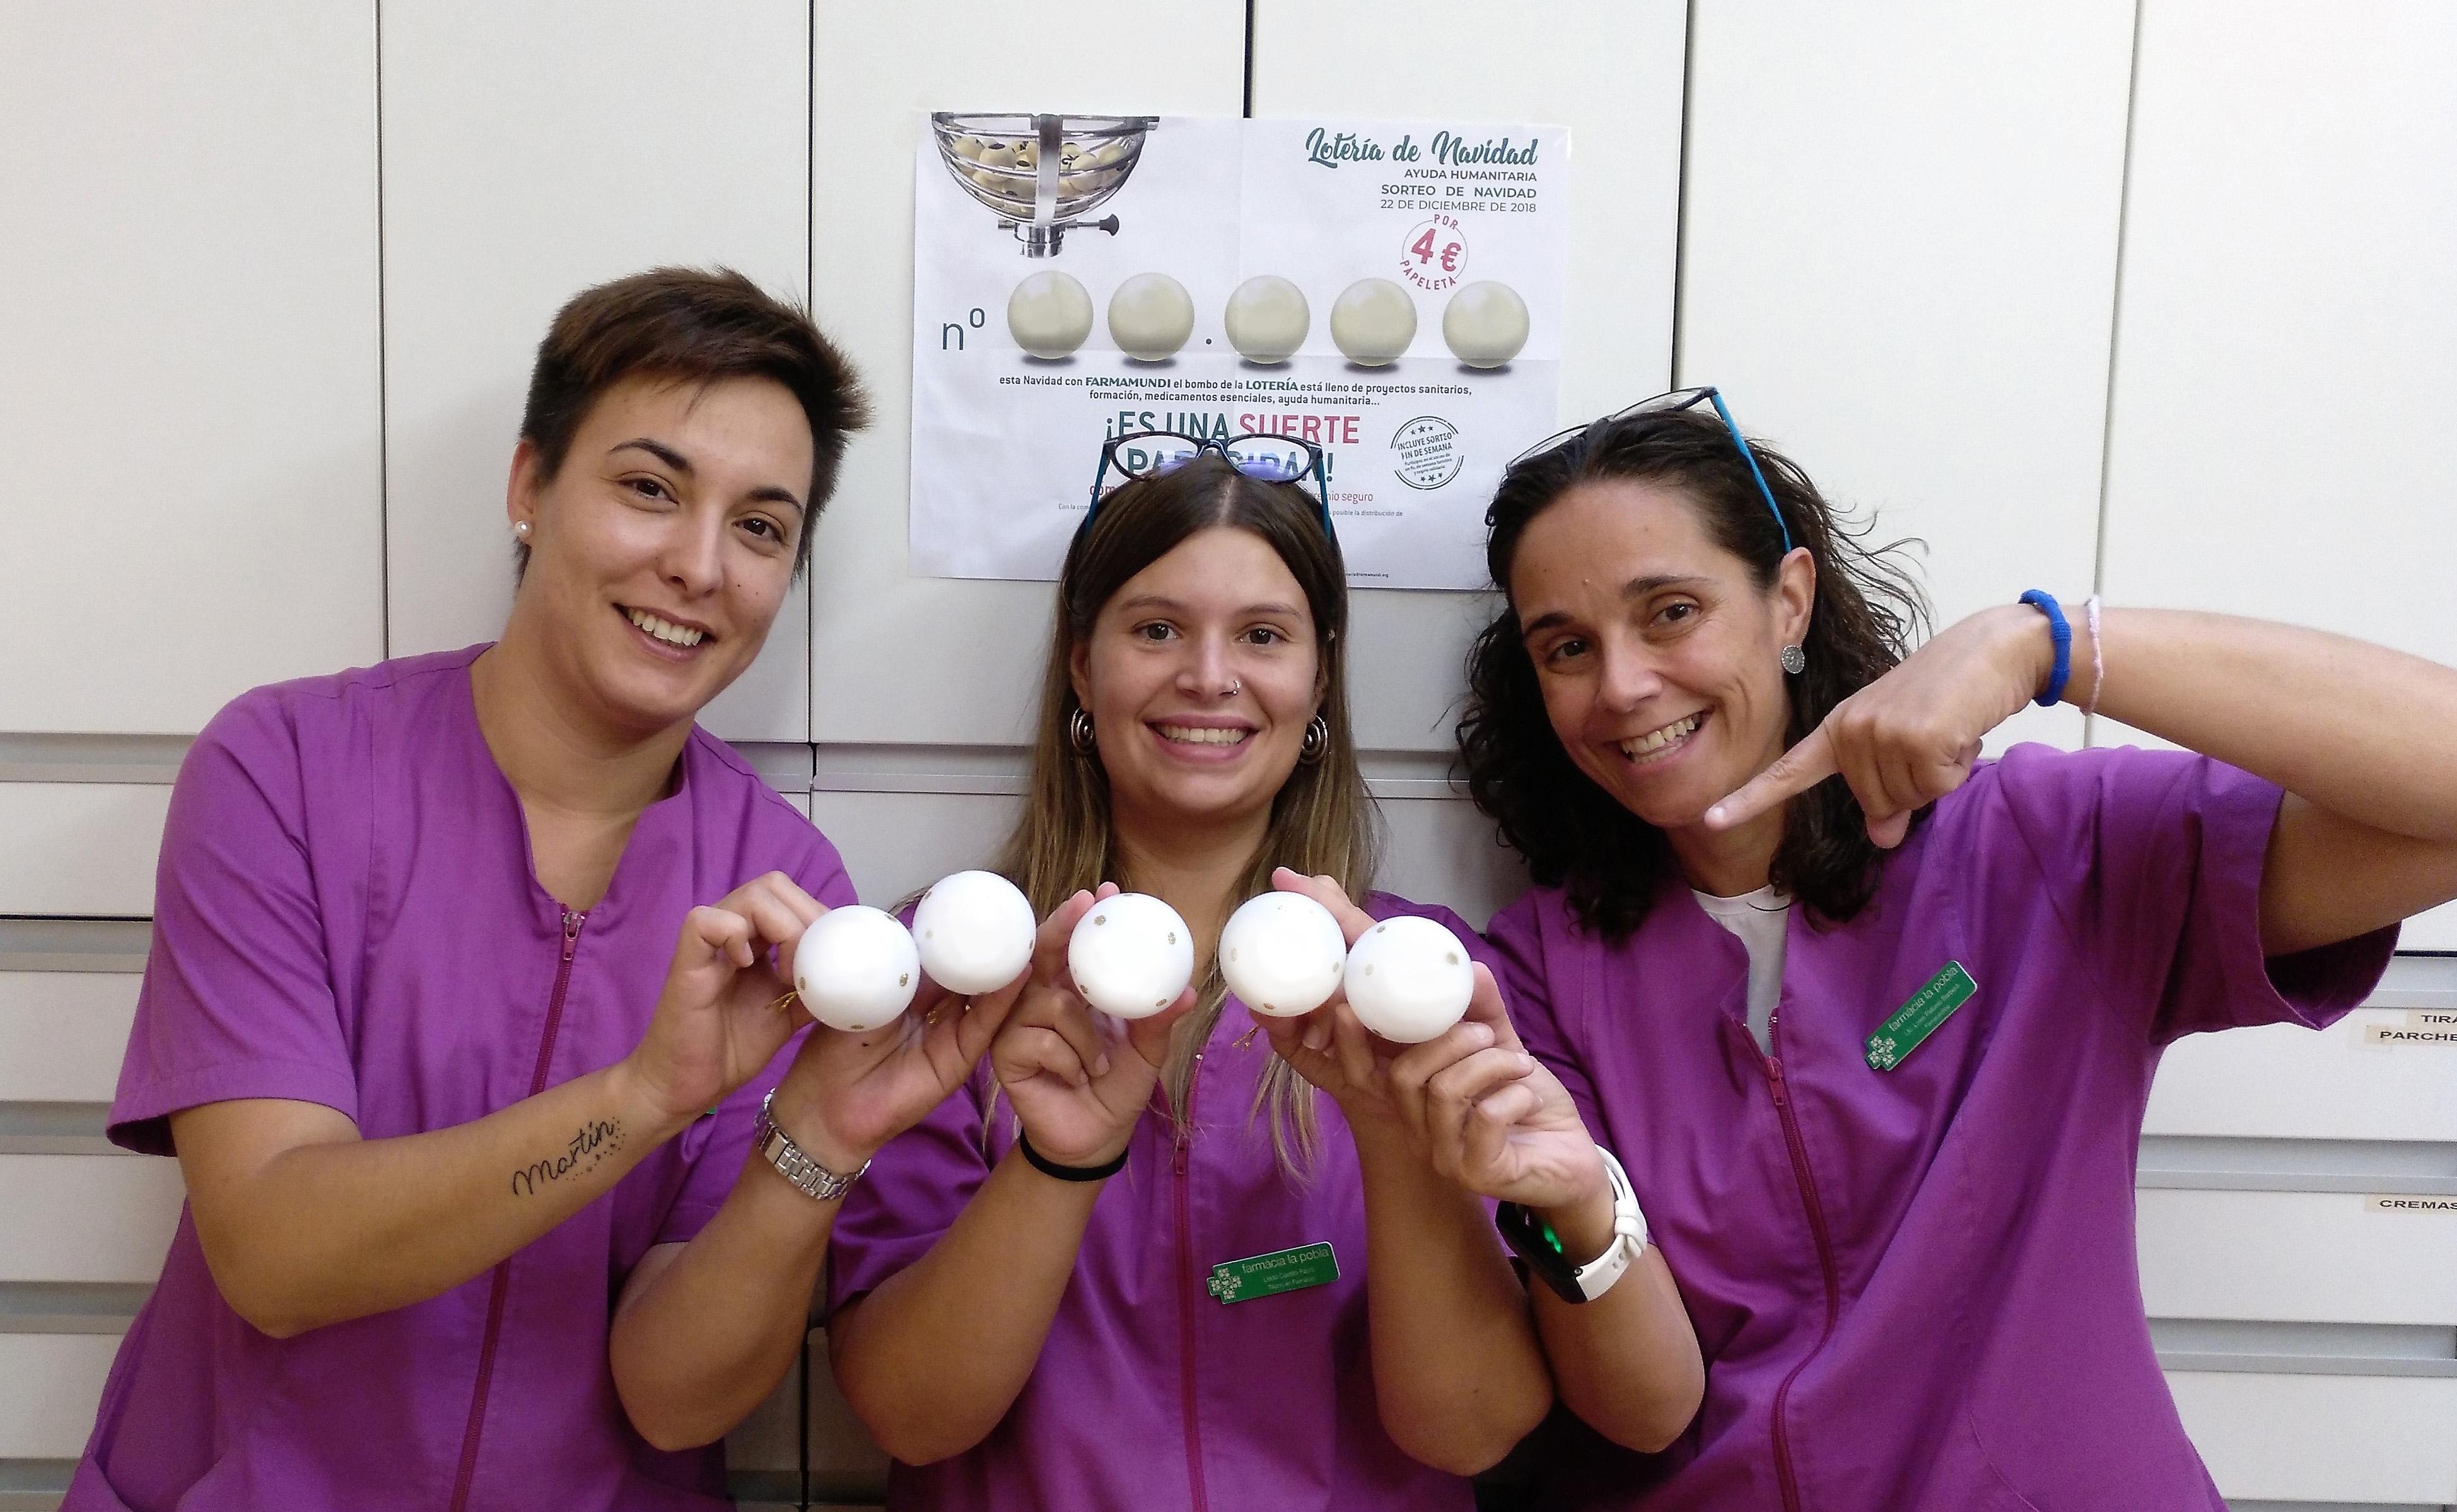 La lotería solidaria de Farmamundi ya reparte salud desde las boticas